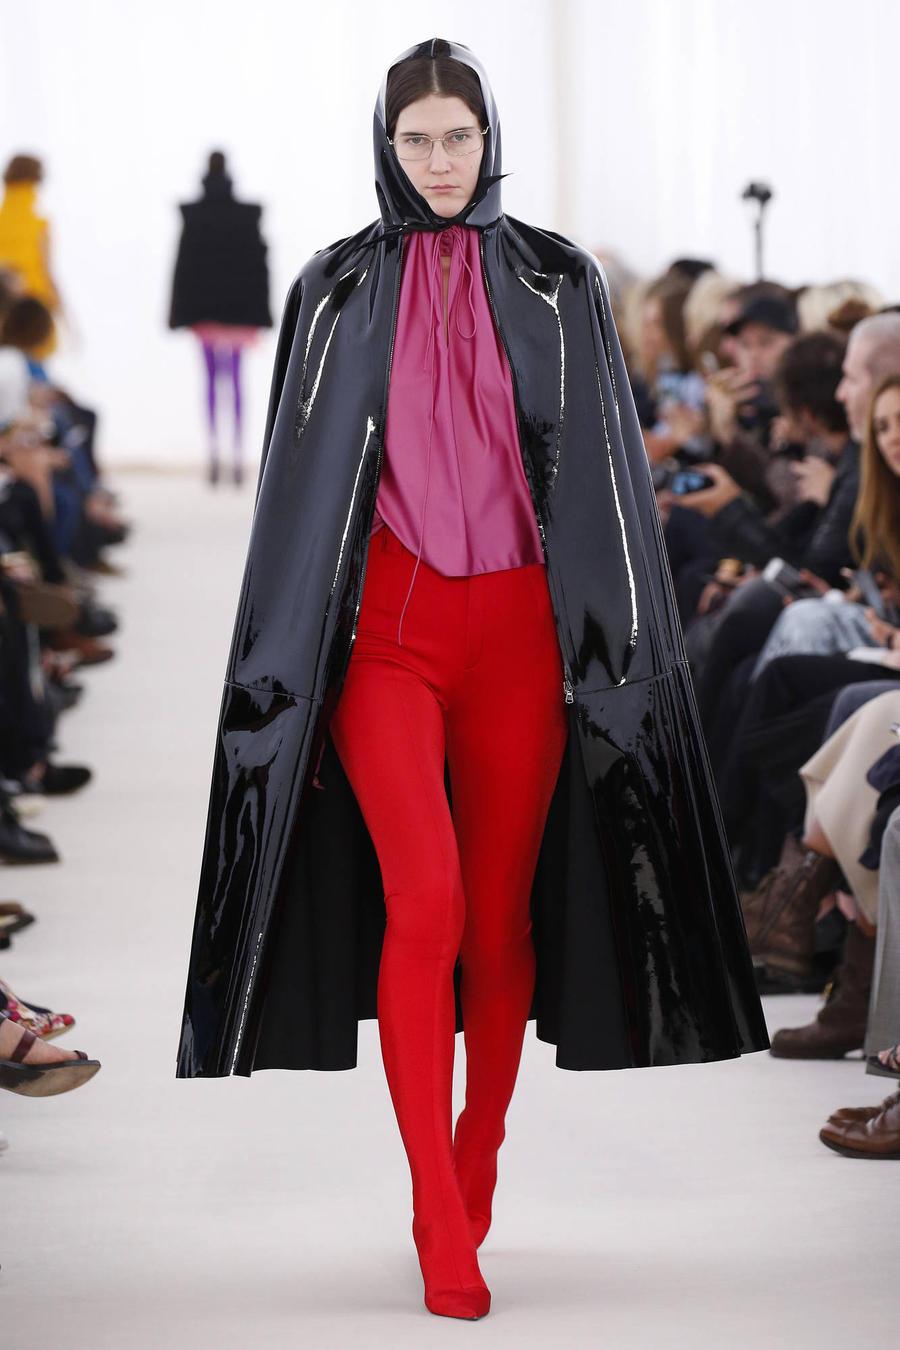 Balenciaga Drops Casting Agents Over Model Mistreatment Accusations